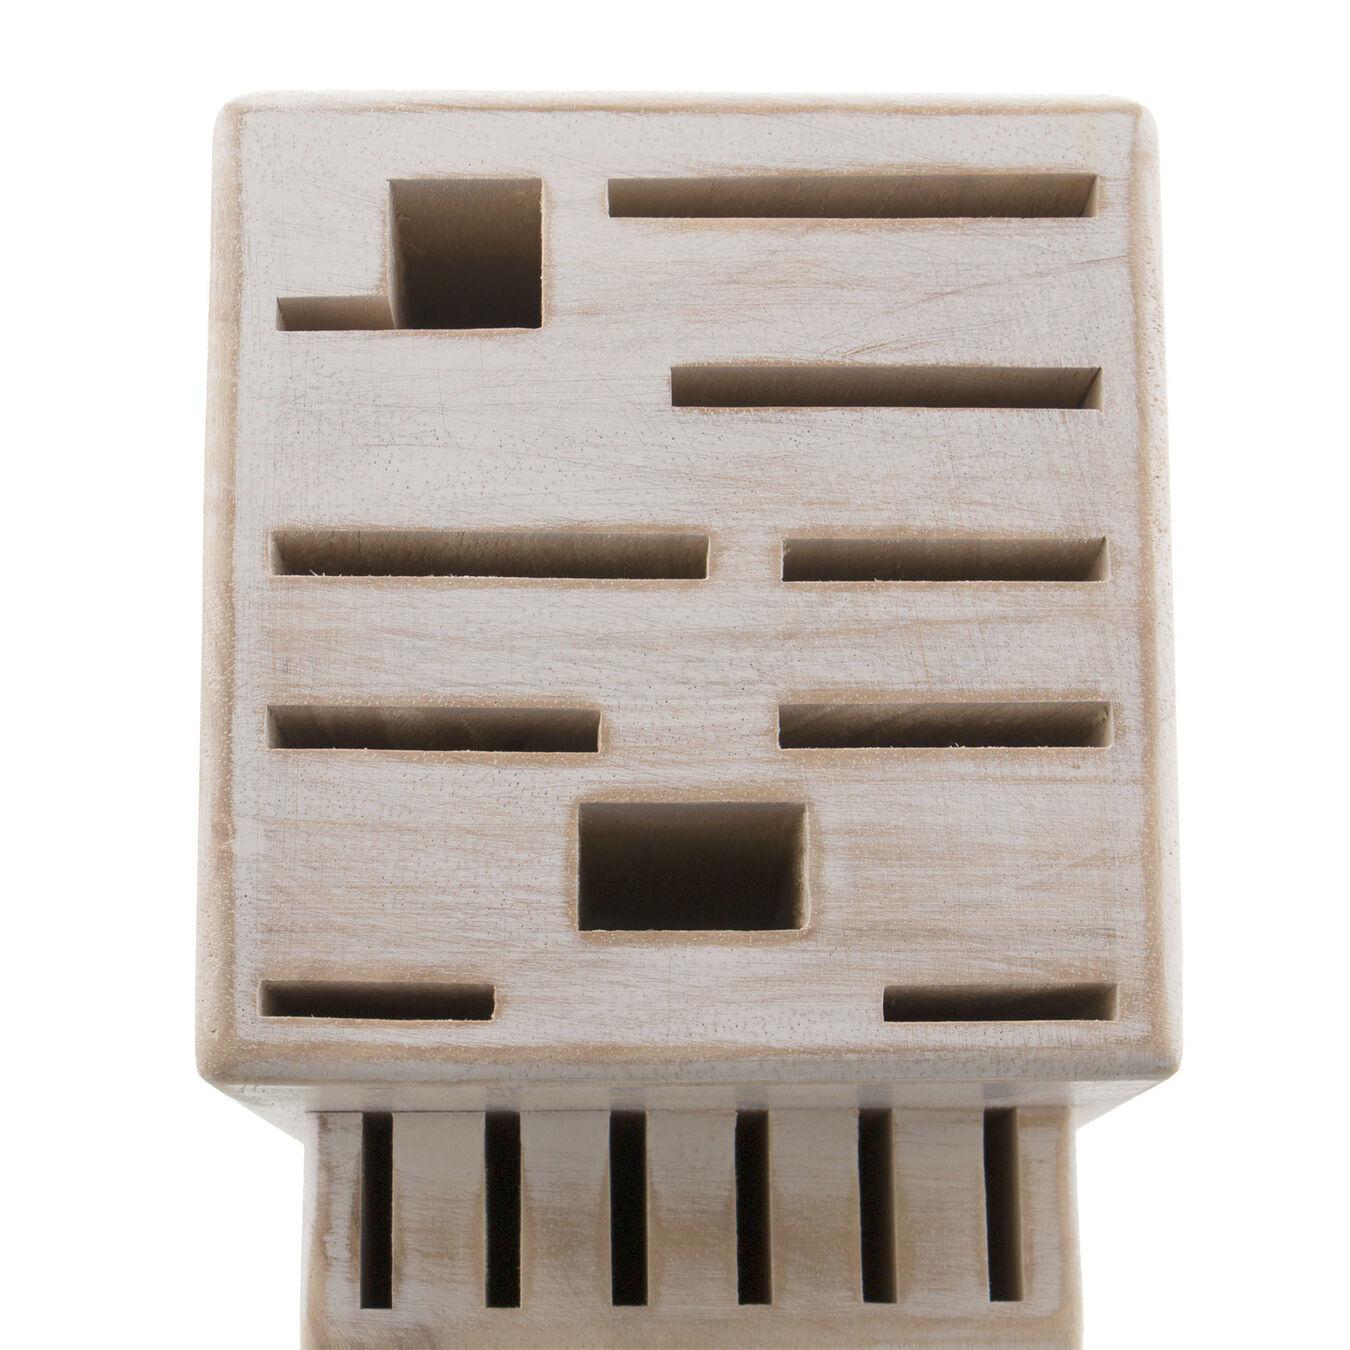 Rustic White 16-slot block,,large 3